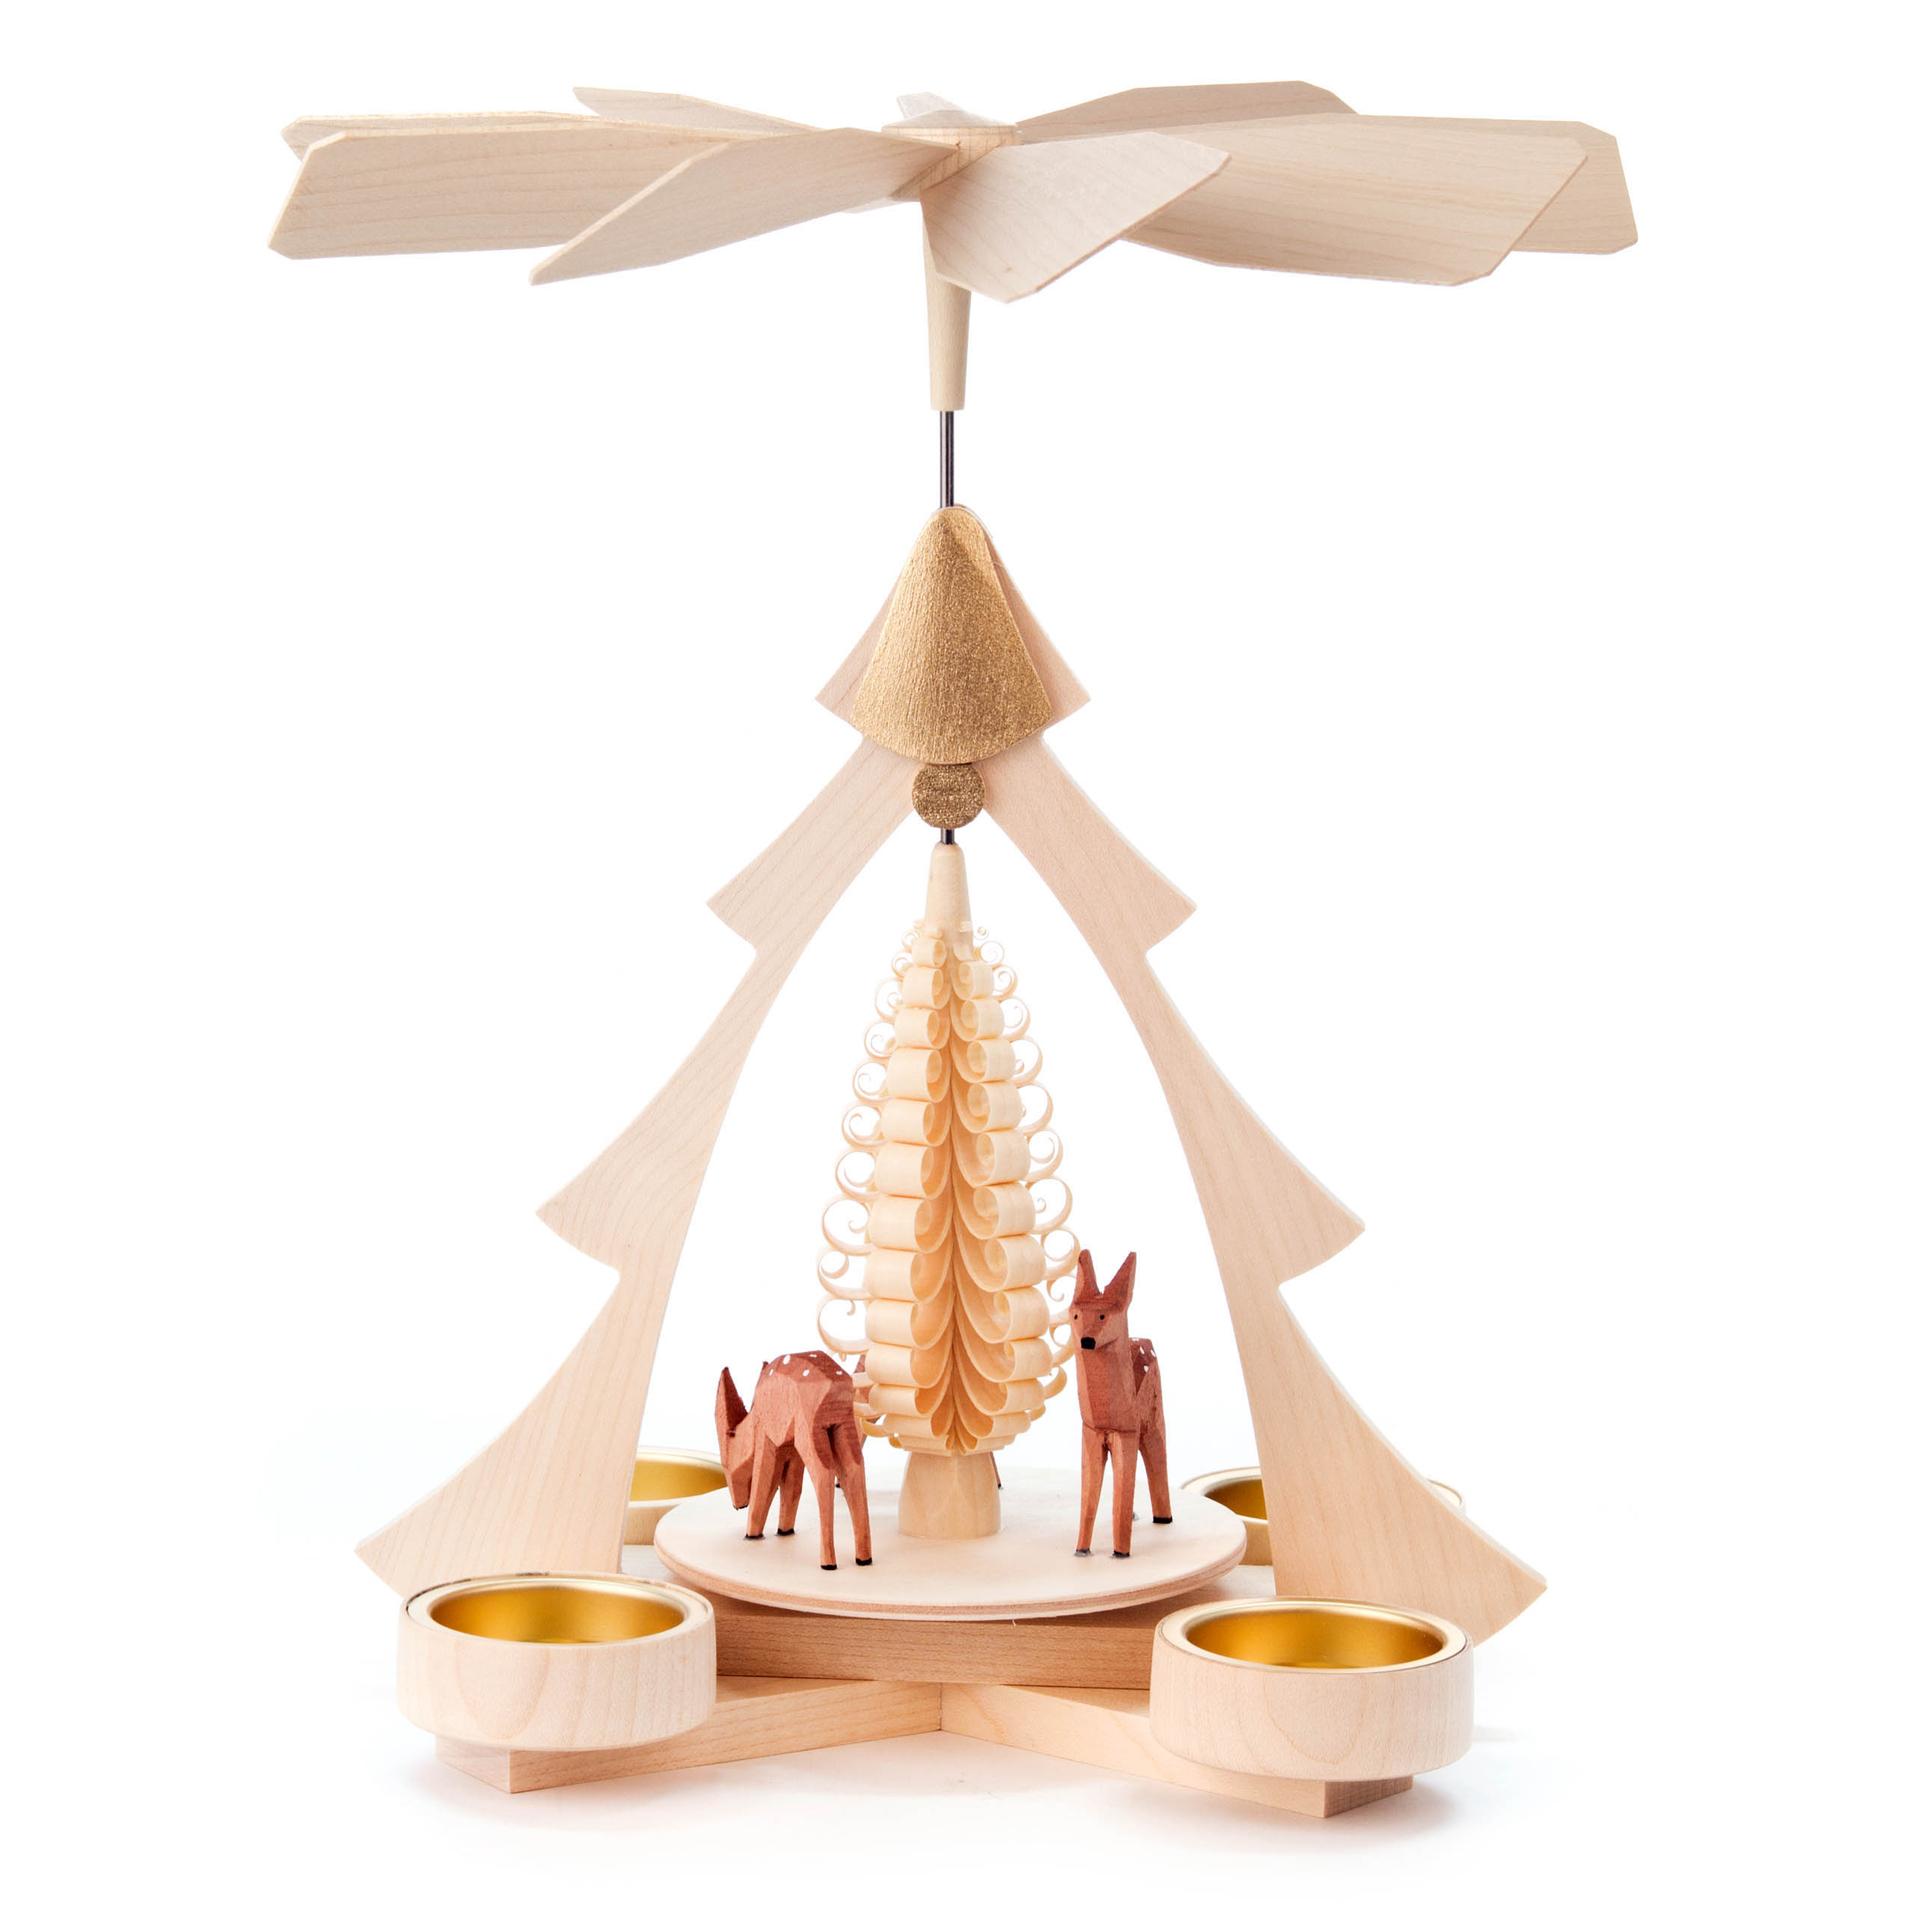 Pyramide mit Rehen, für Teelichte